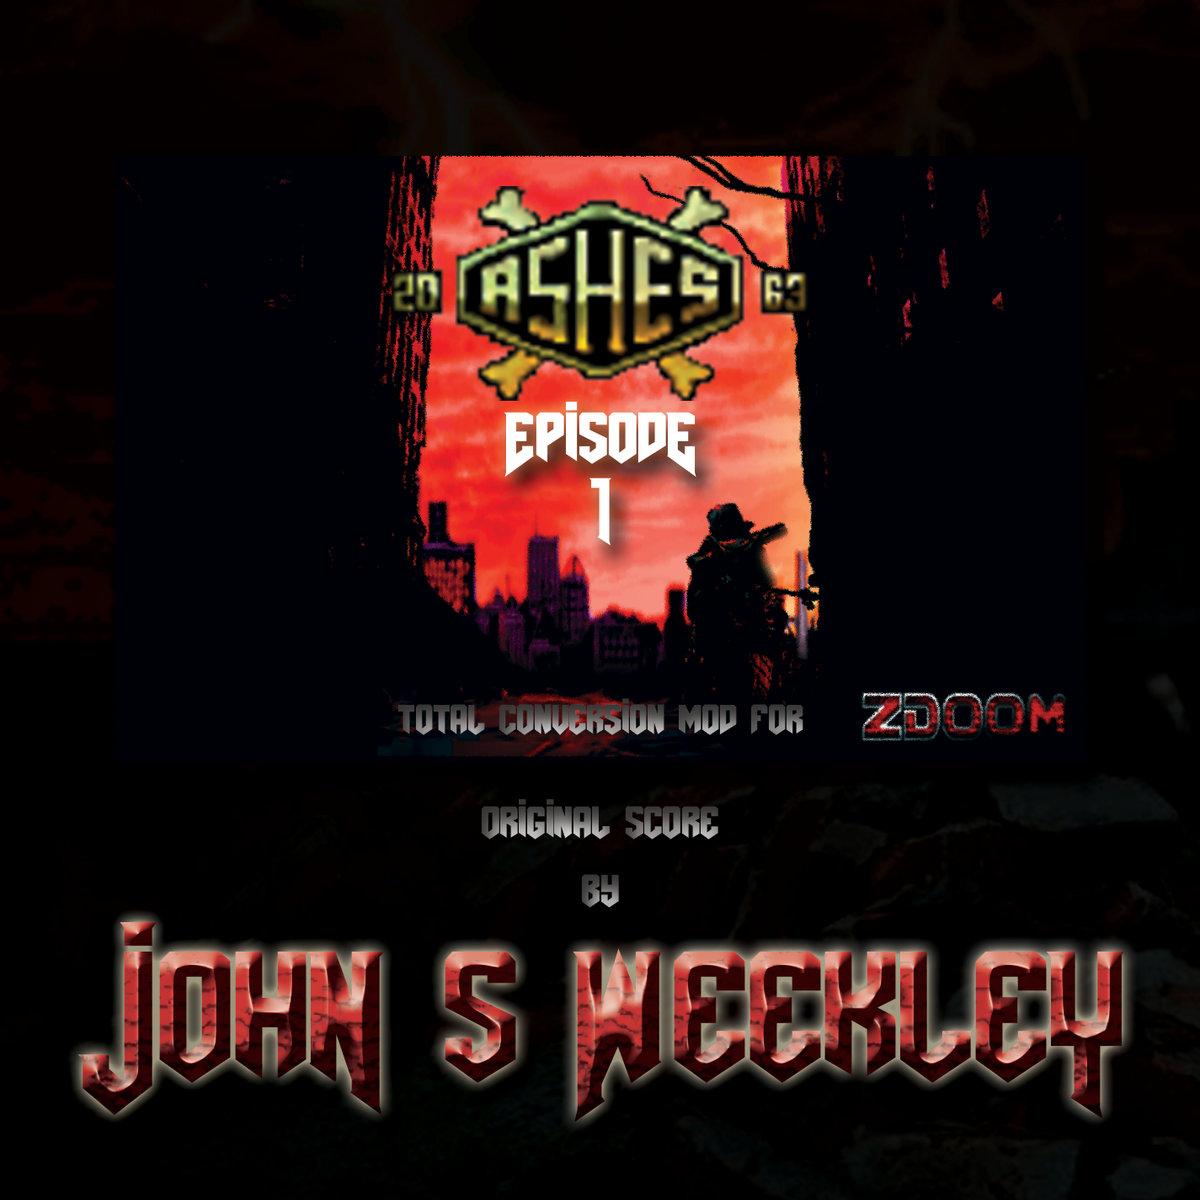 Ashes 2063: Episode 1   John S  Weekley